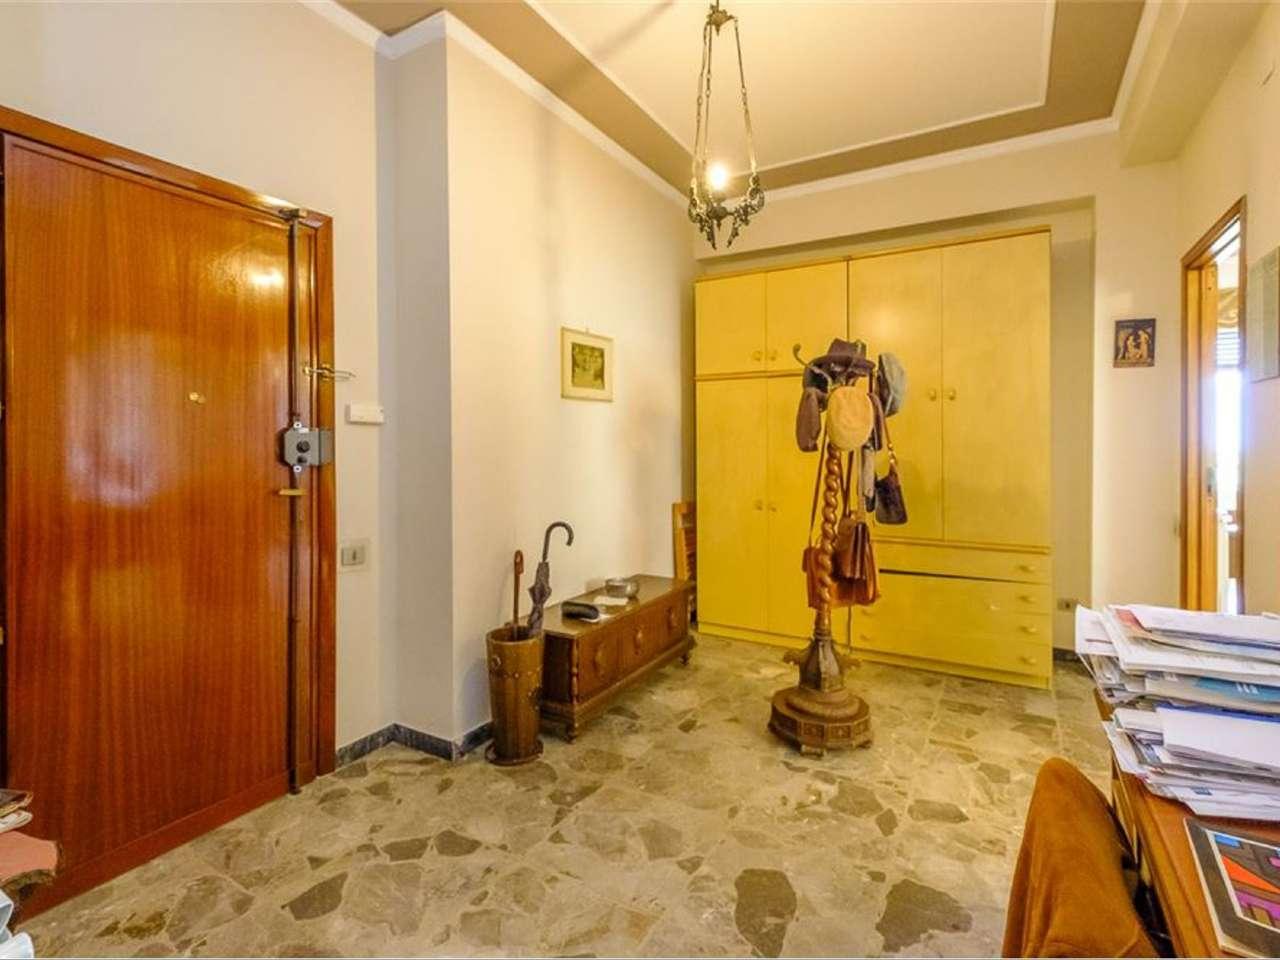 Appartamento in vendita a Carlentini, 6 locali, prezzo € 89.000 | PortaleAgenzieImmobiliari.it